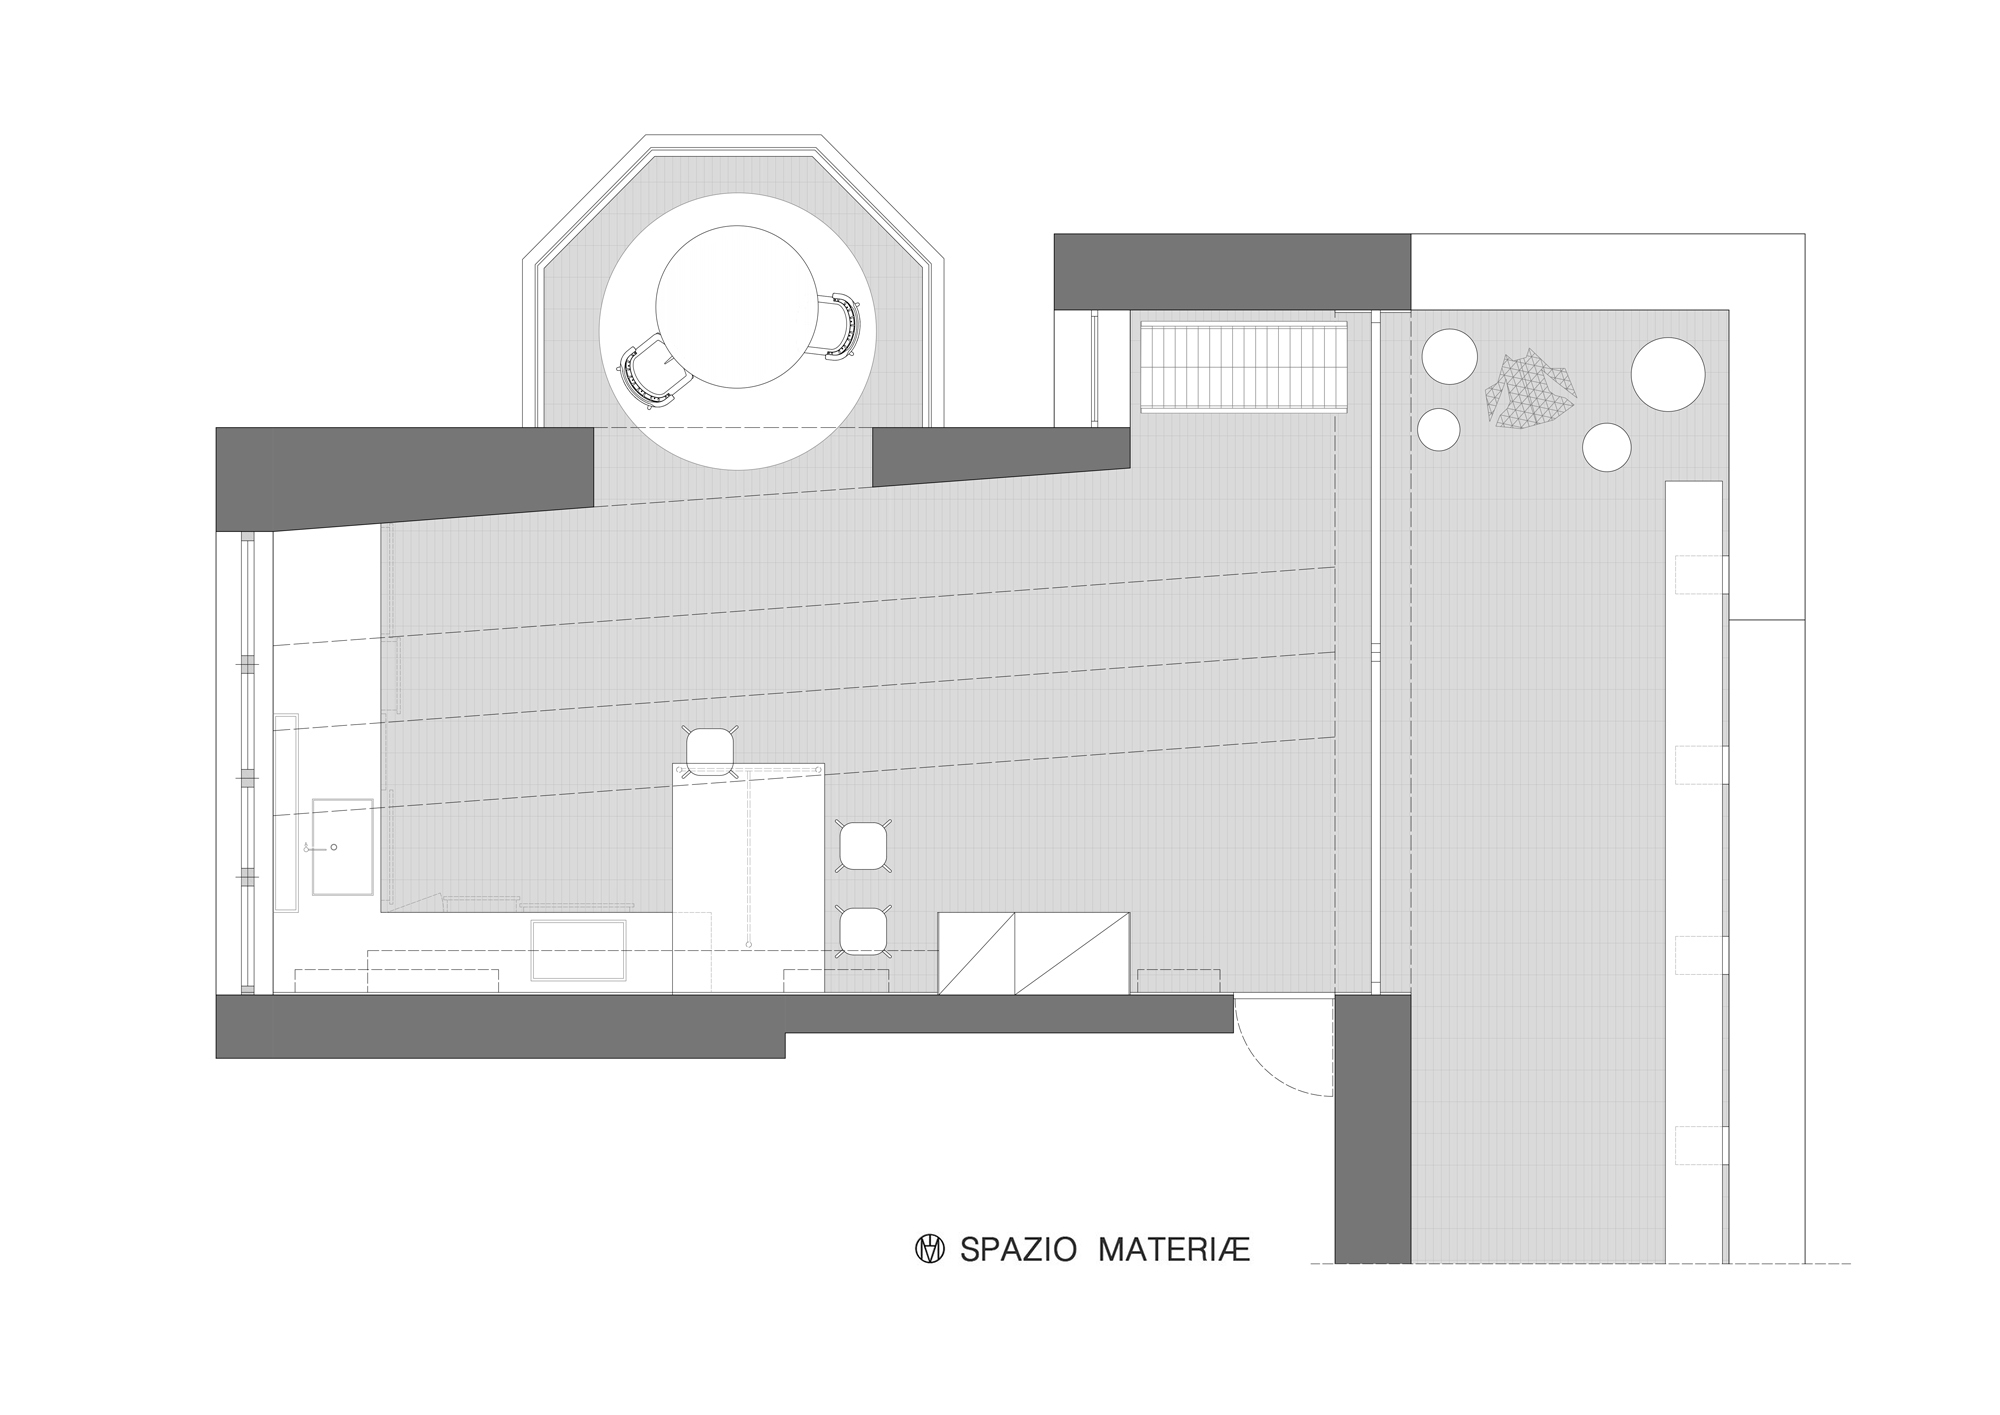 pianta loft industriale spazio materiae napoli